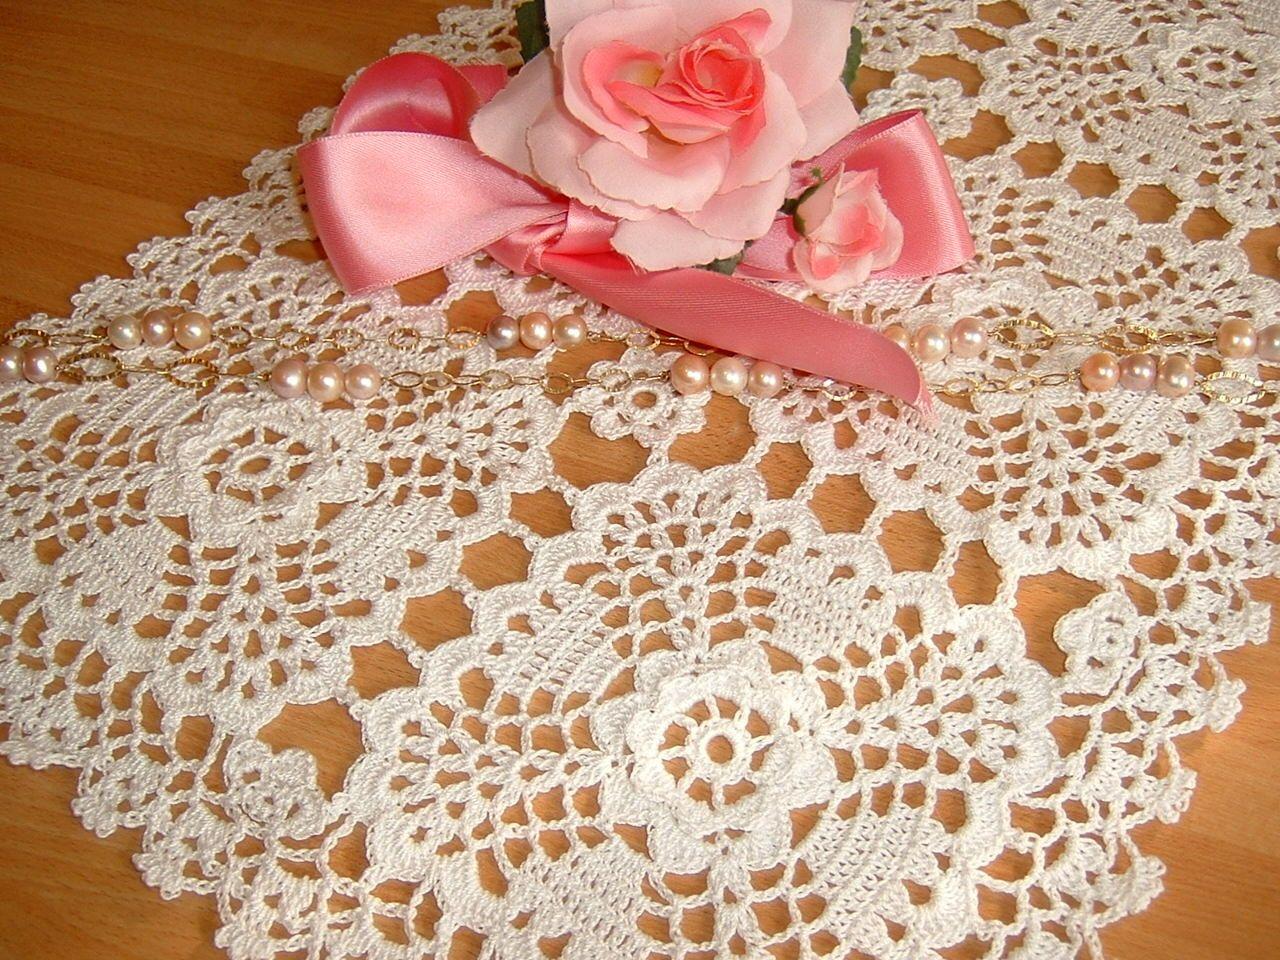 Tappeto Alluncinetto Rettangolare : Tovaglietta rettangolare eseguita a mano all uncinetto in cotone